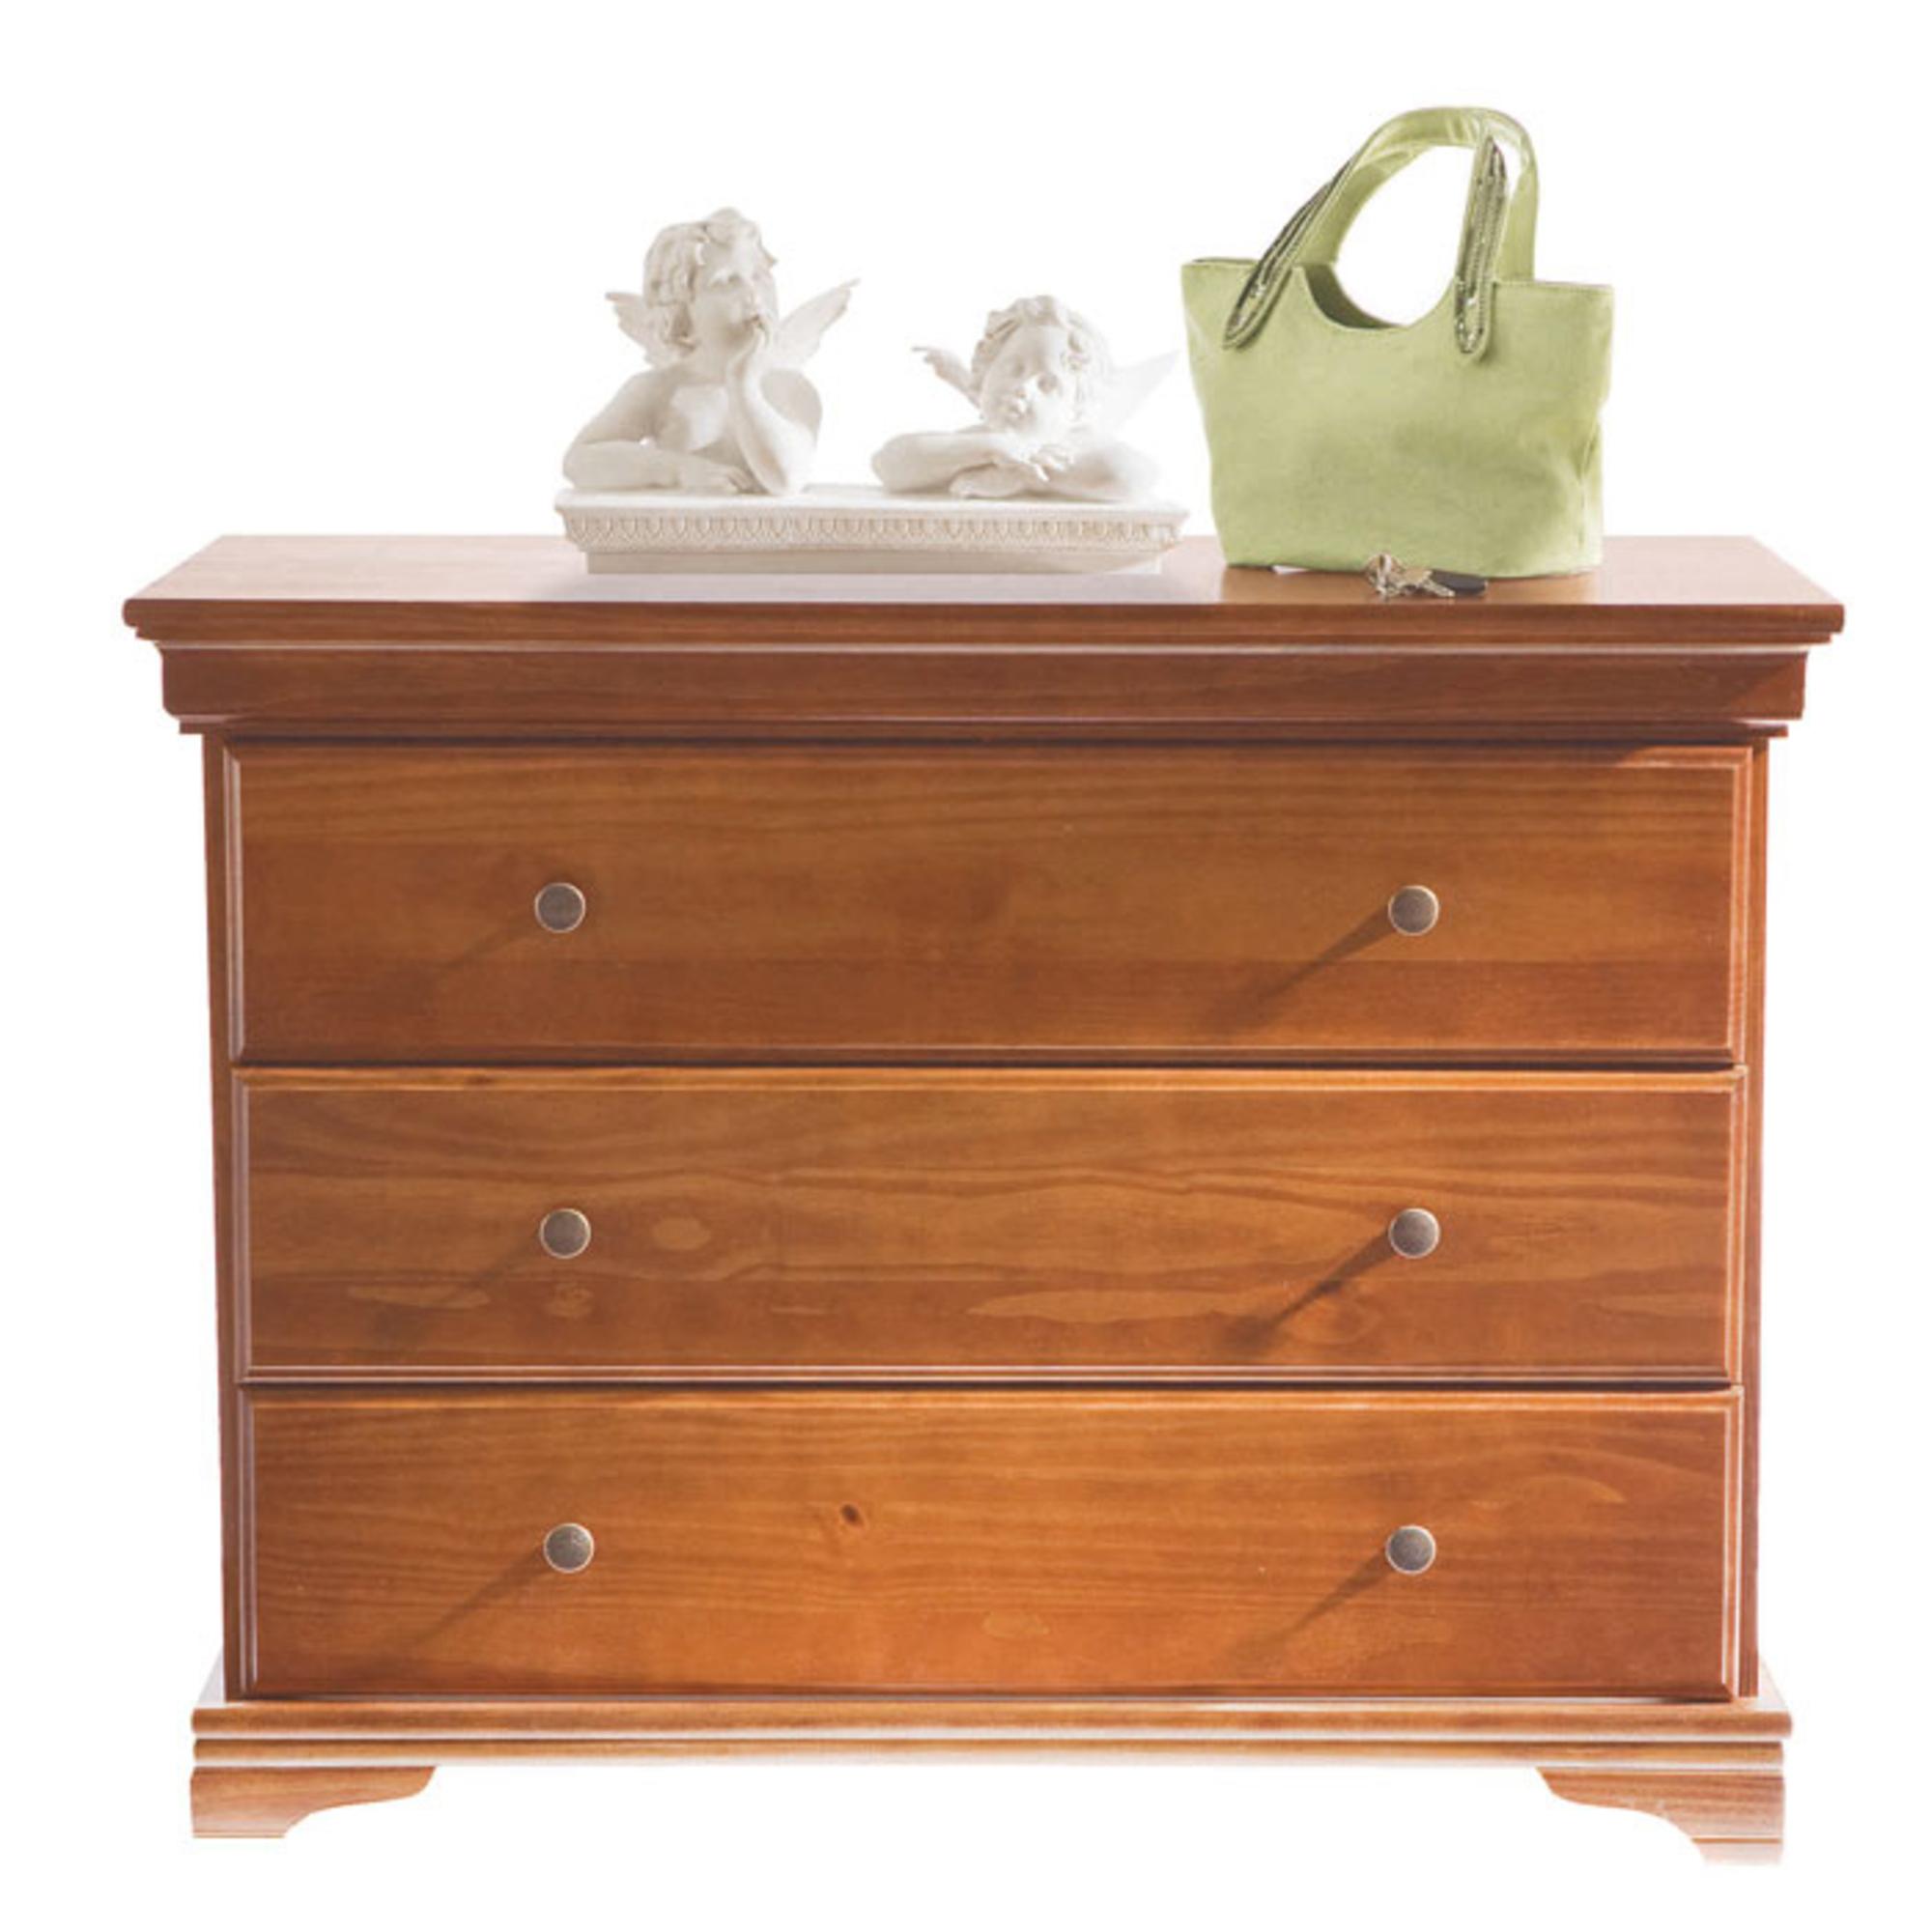 Commode 3 tiroirs style louis philippe merisier anniversaire 40 ans acheter ce produit au - Ruimte stijl louis philippe ...